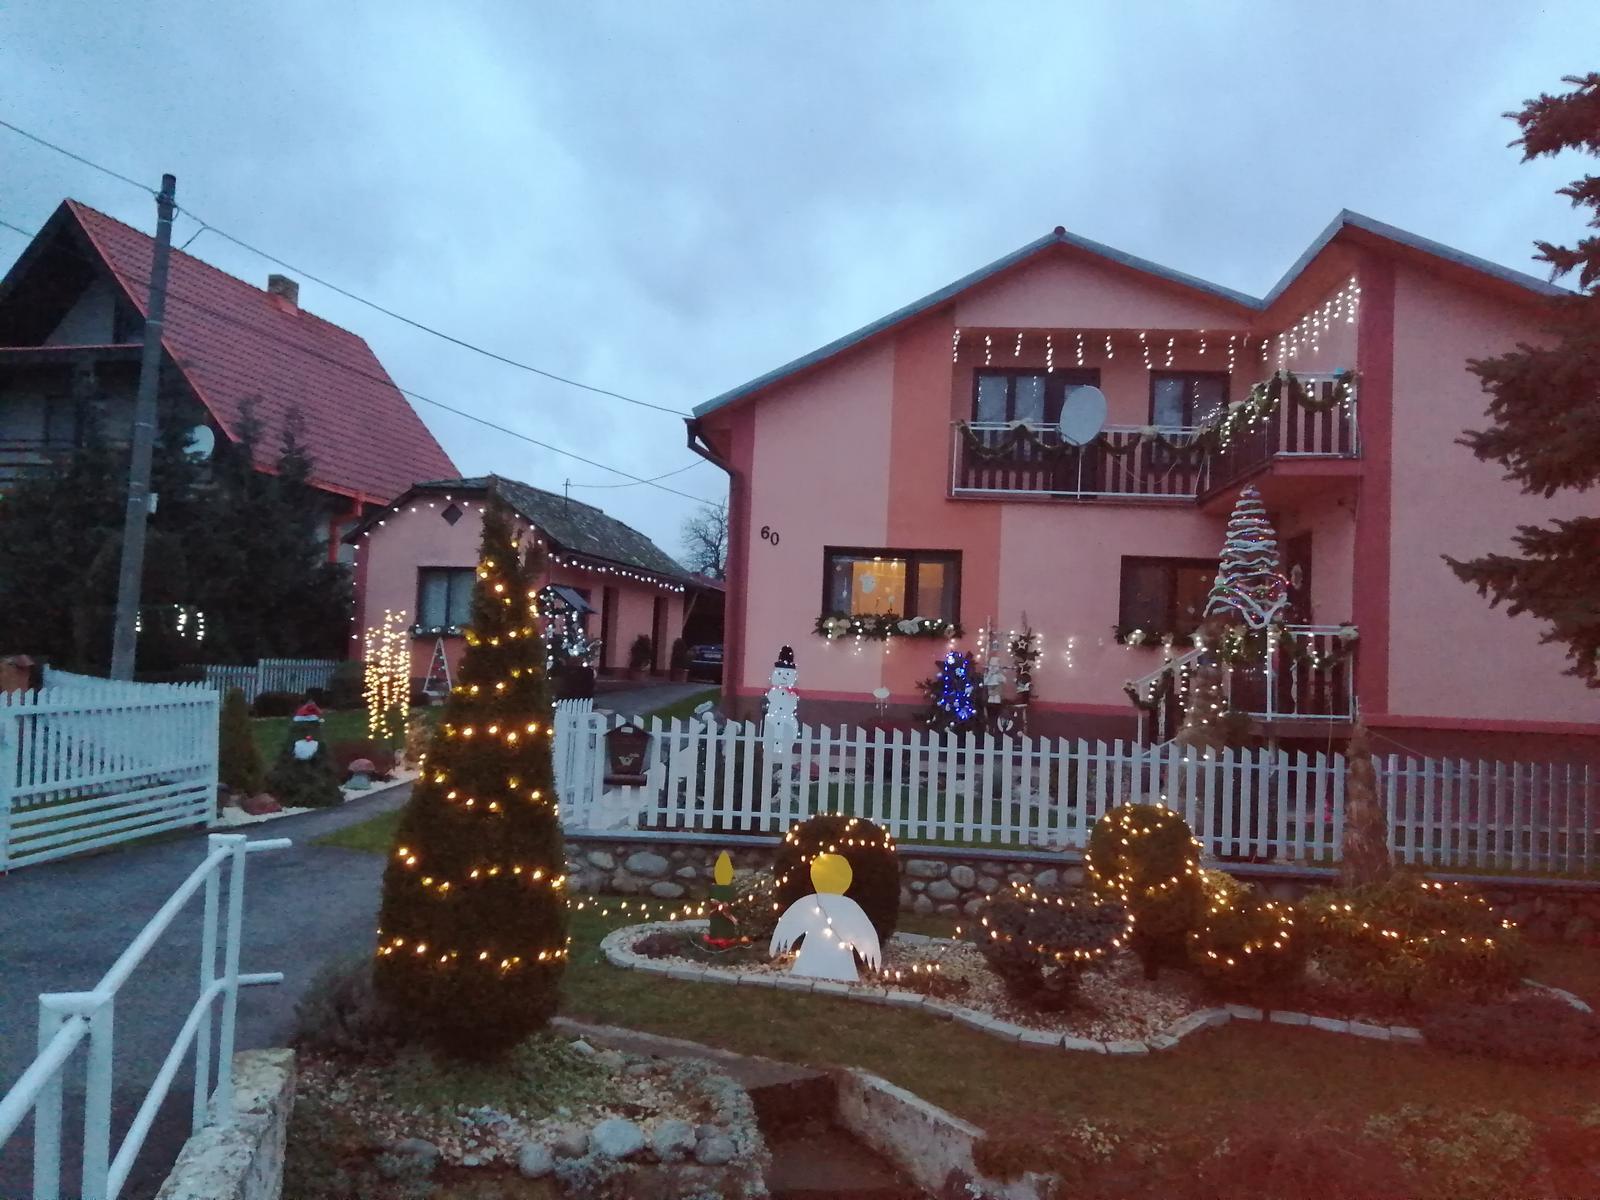 Vianoce u nás.... Christos Raždajetsja - Obrázok č. 1